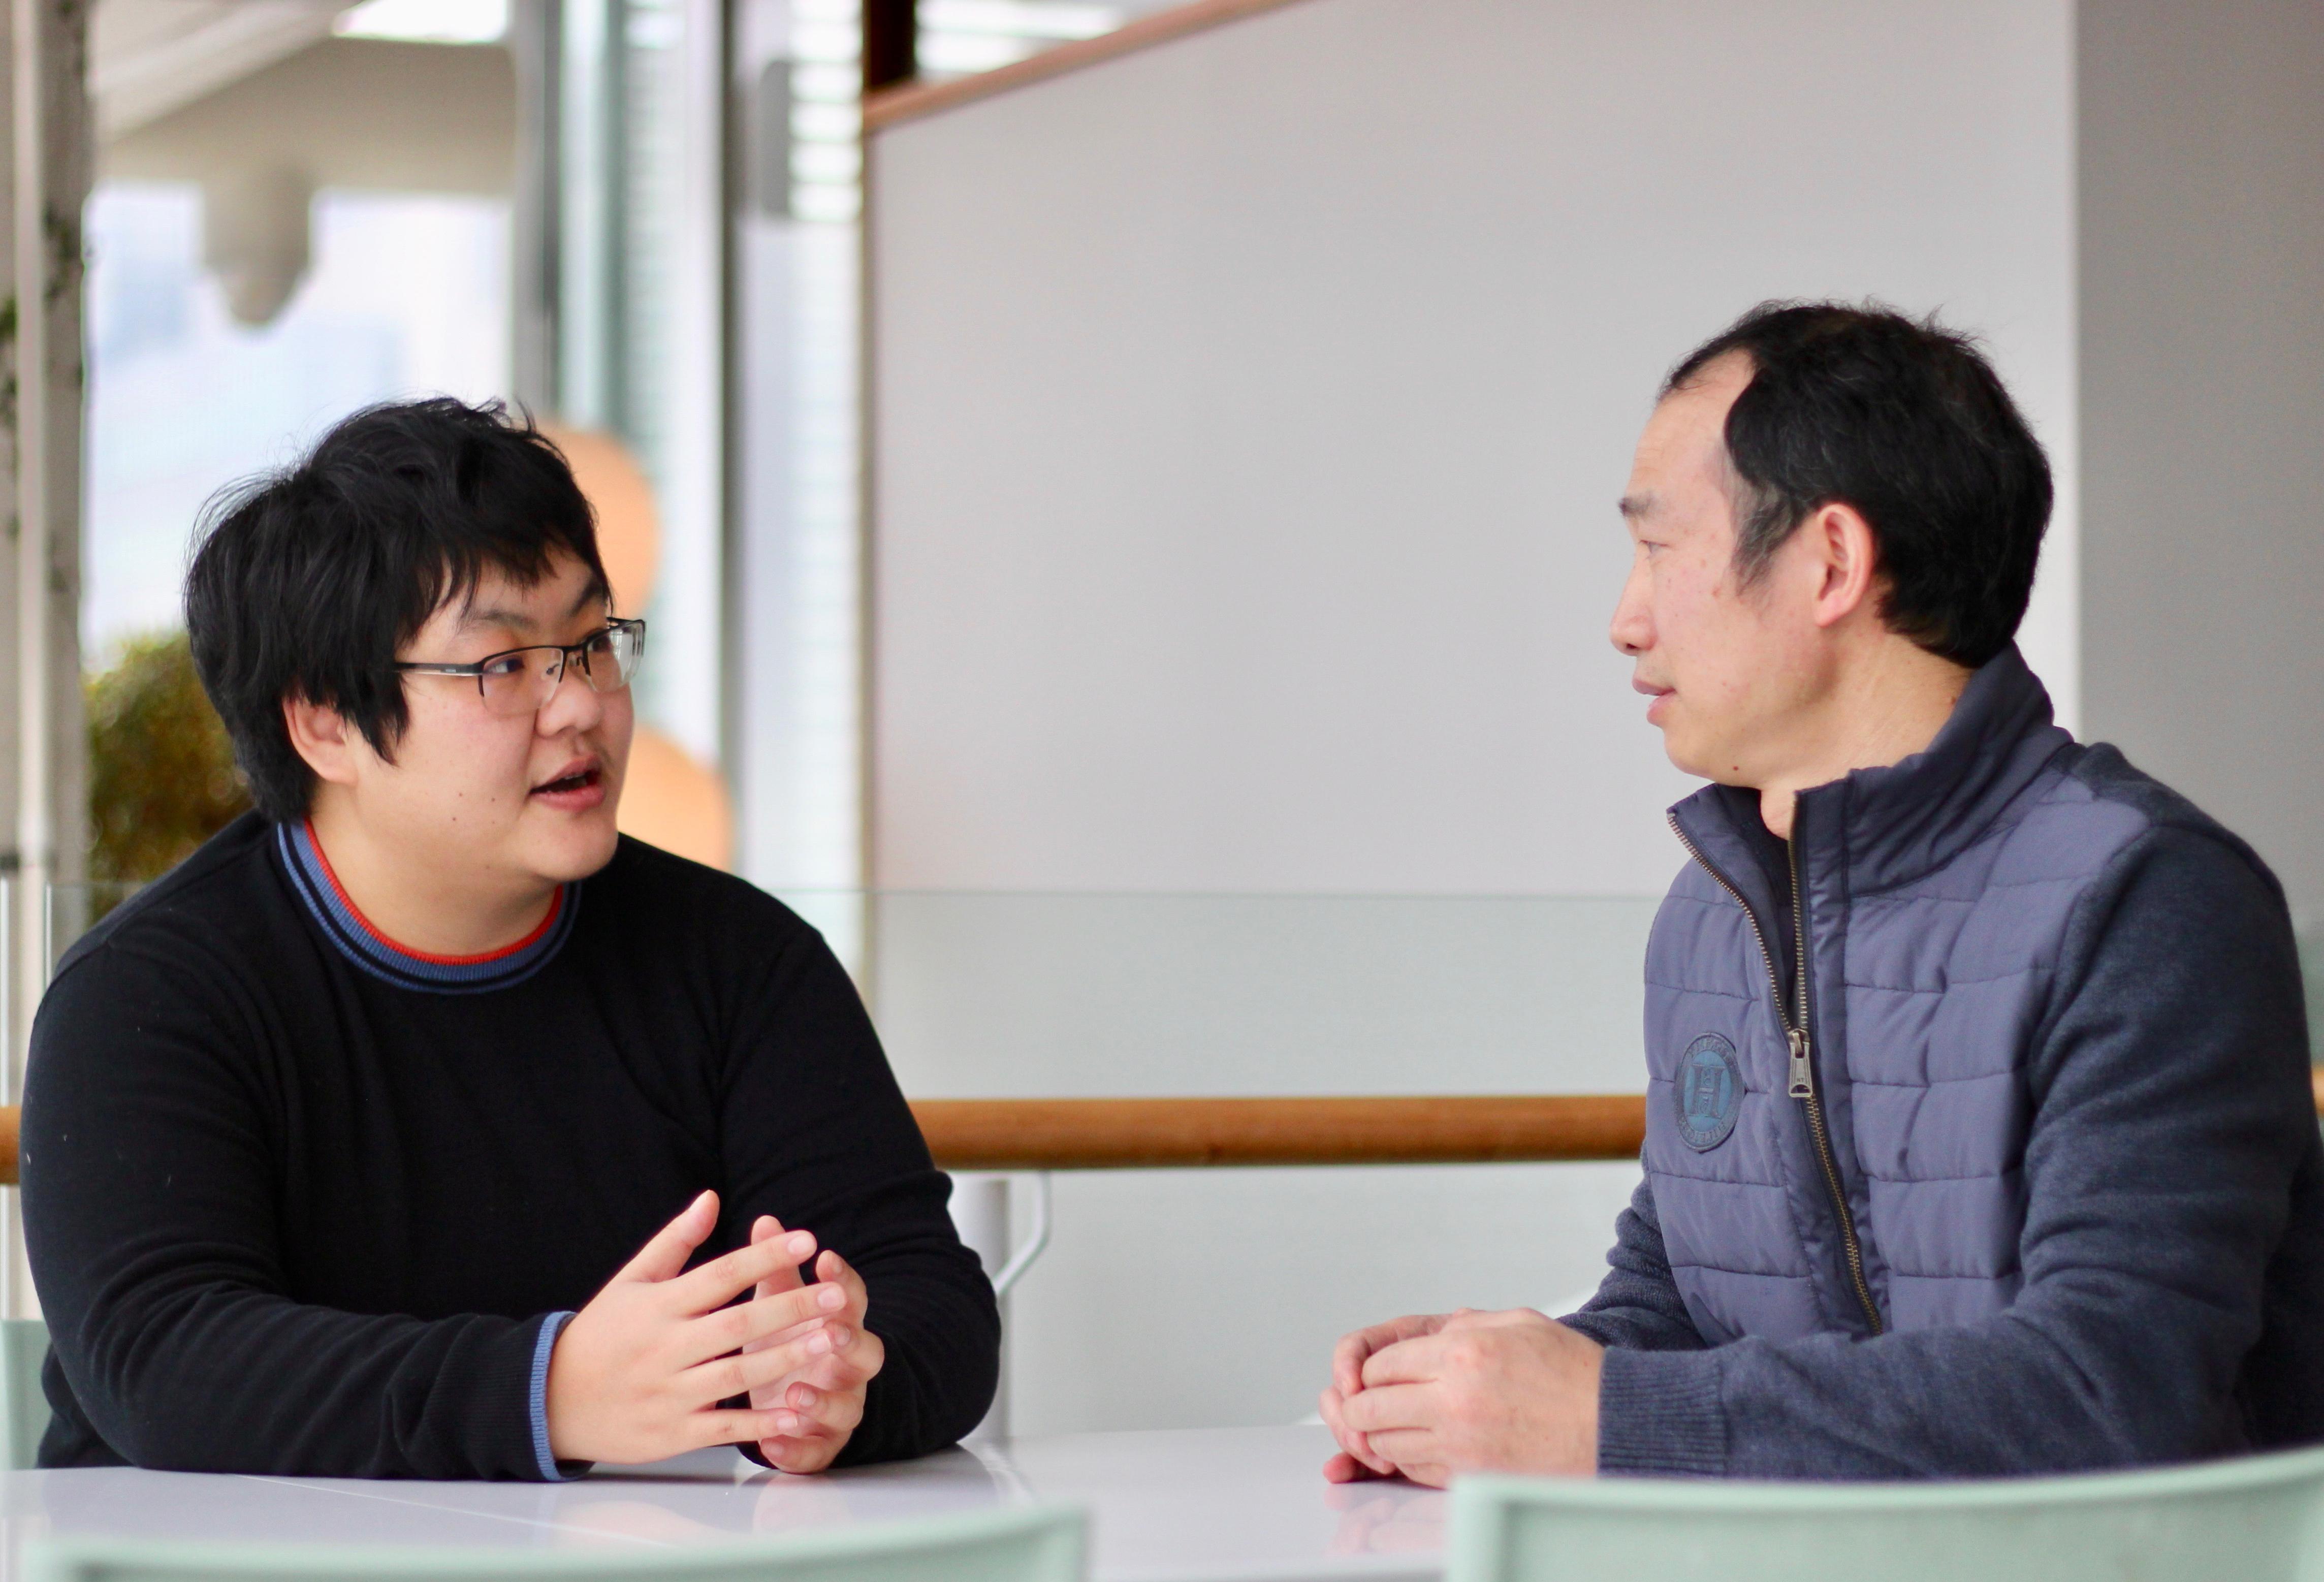 Jing Hou and Guihong Tan